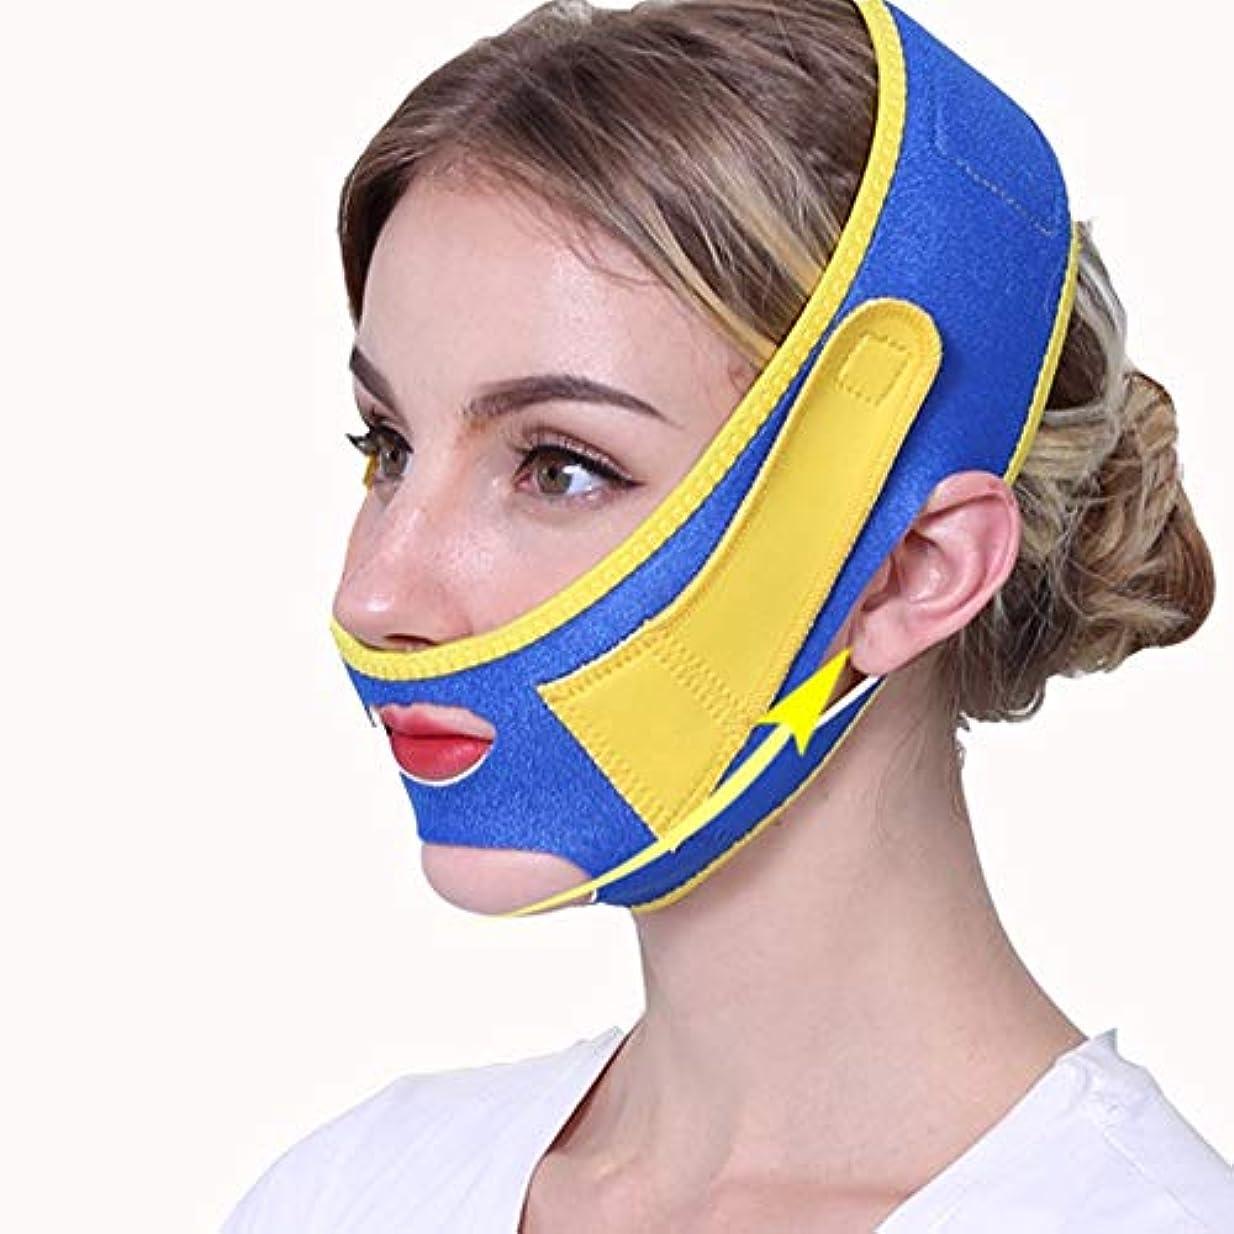 経済的ゆりかごコークスXINGZHE フェイシャルリフティング痩身ベルトフェイス包帯マスク整形マスクフェイスベルトを引き締める薄型フェイス包帯整形マスクフェイスと首の顔を引き締めスリム フェイスリフティングベルト